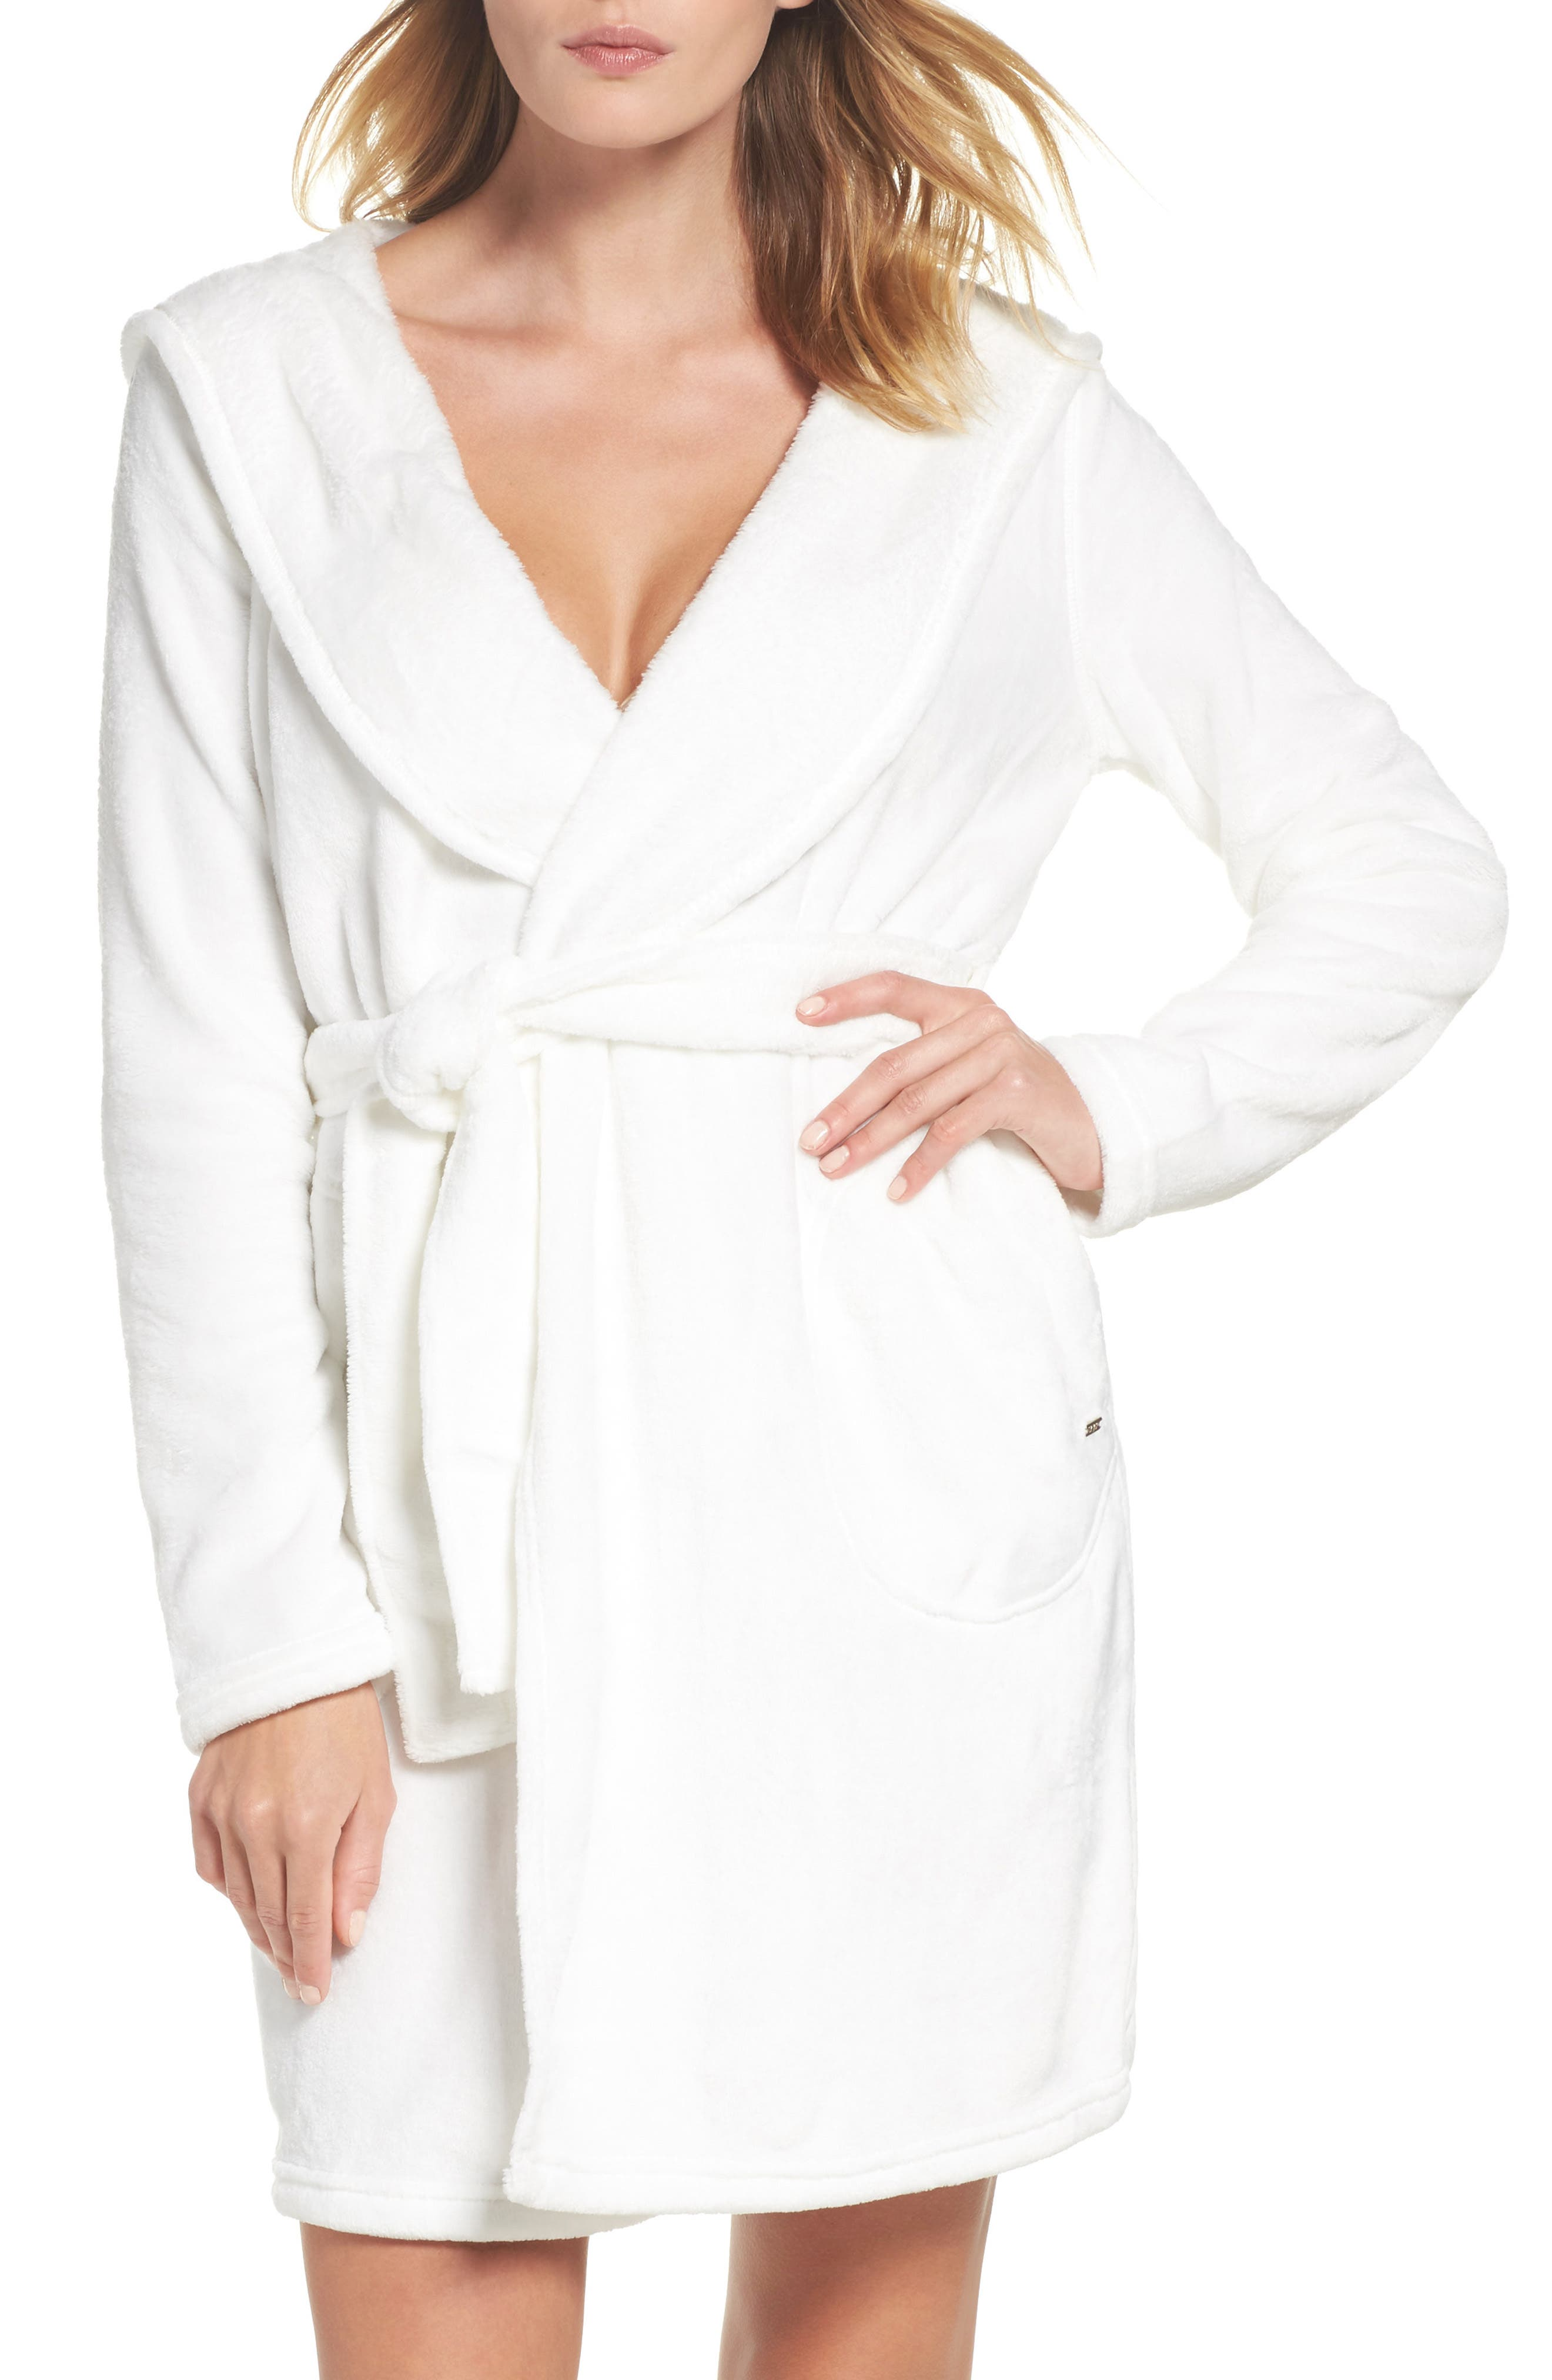 UGG® Australia'Miranda' Robe